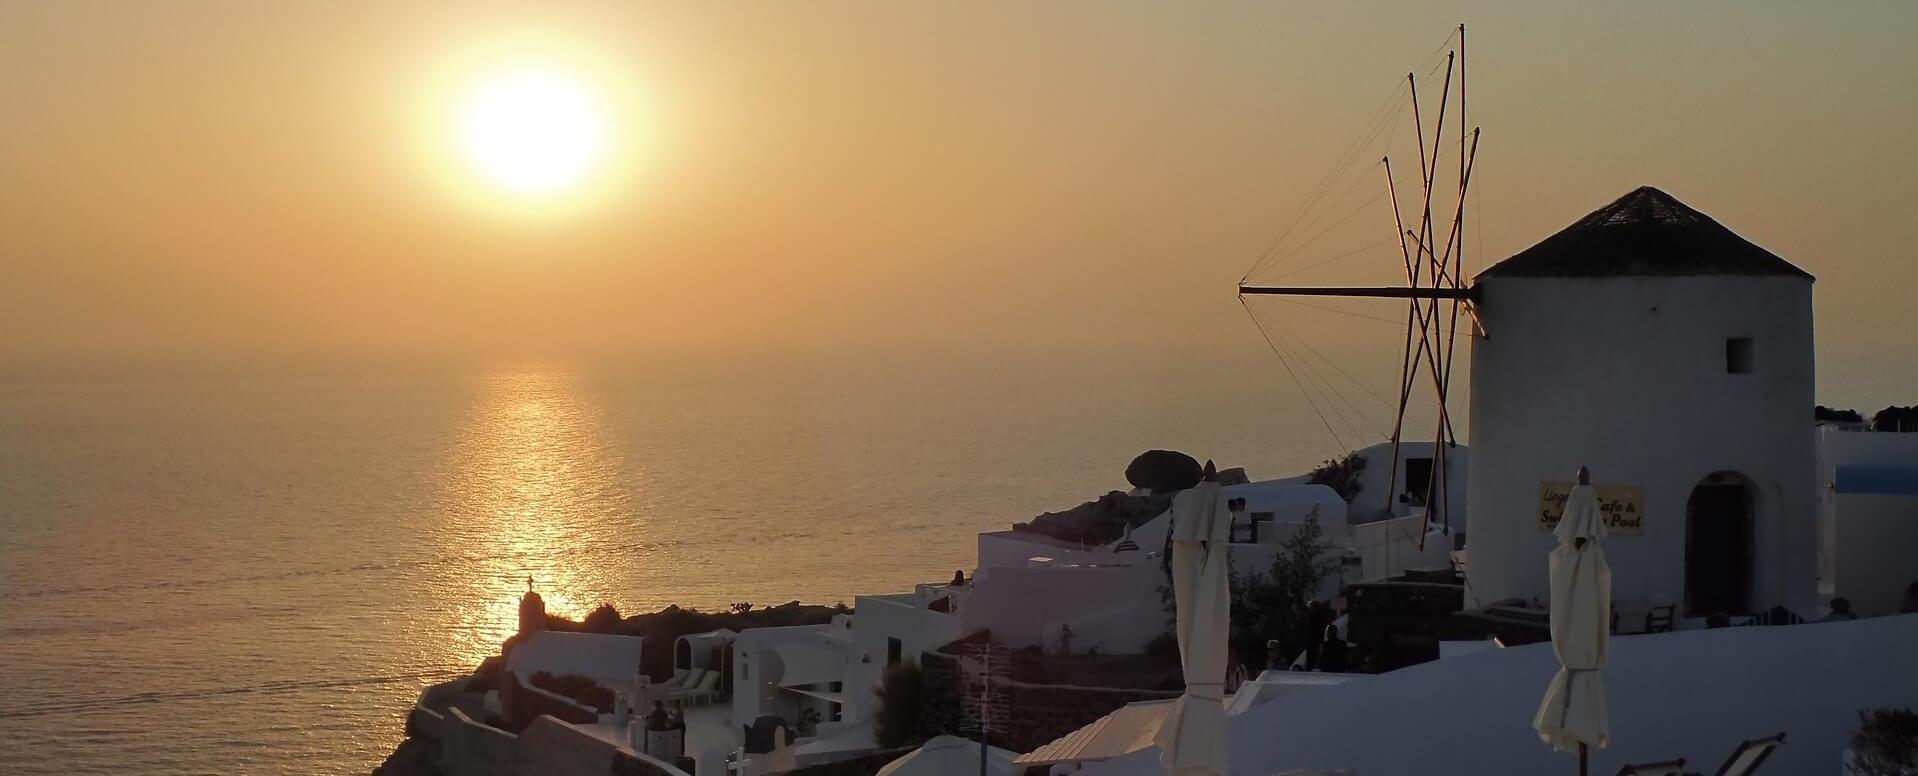 Temps et climat des Cyclades - Cyclades - Autres îles